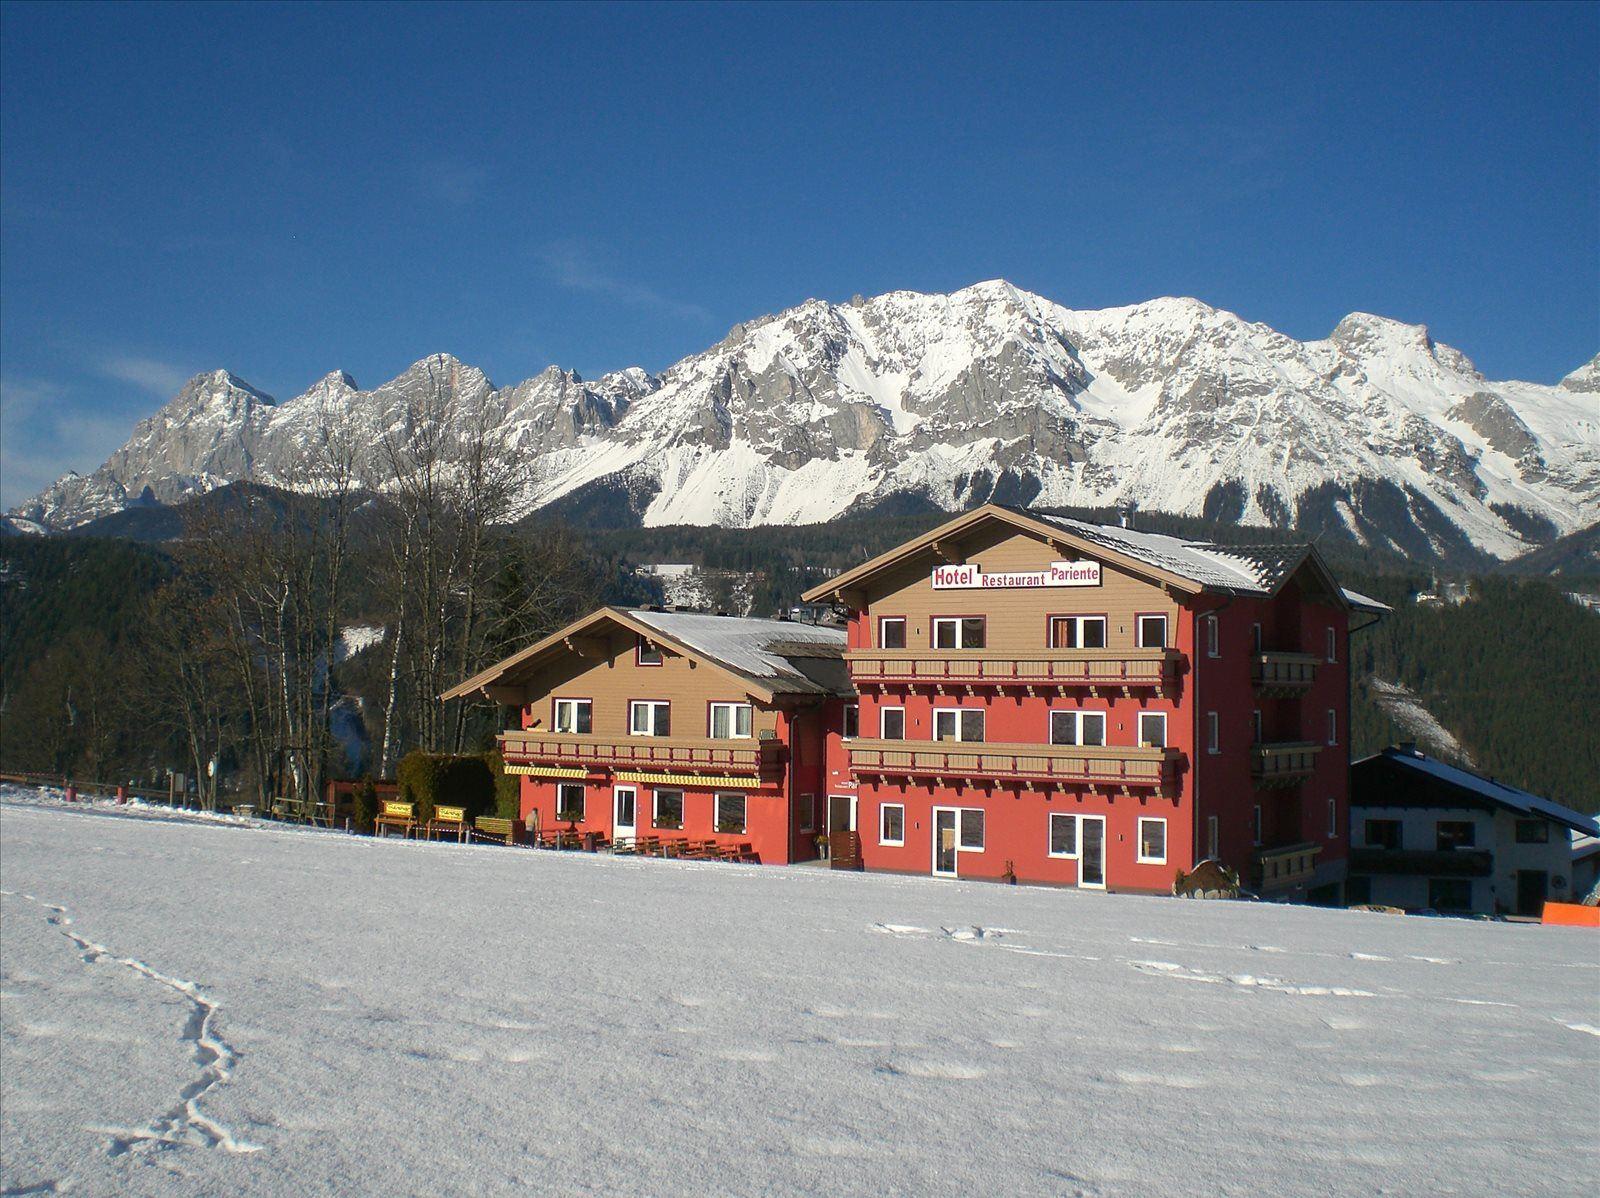 Hotel Pariente Schladming